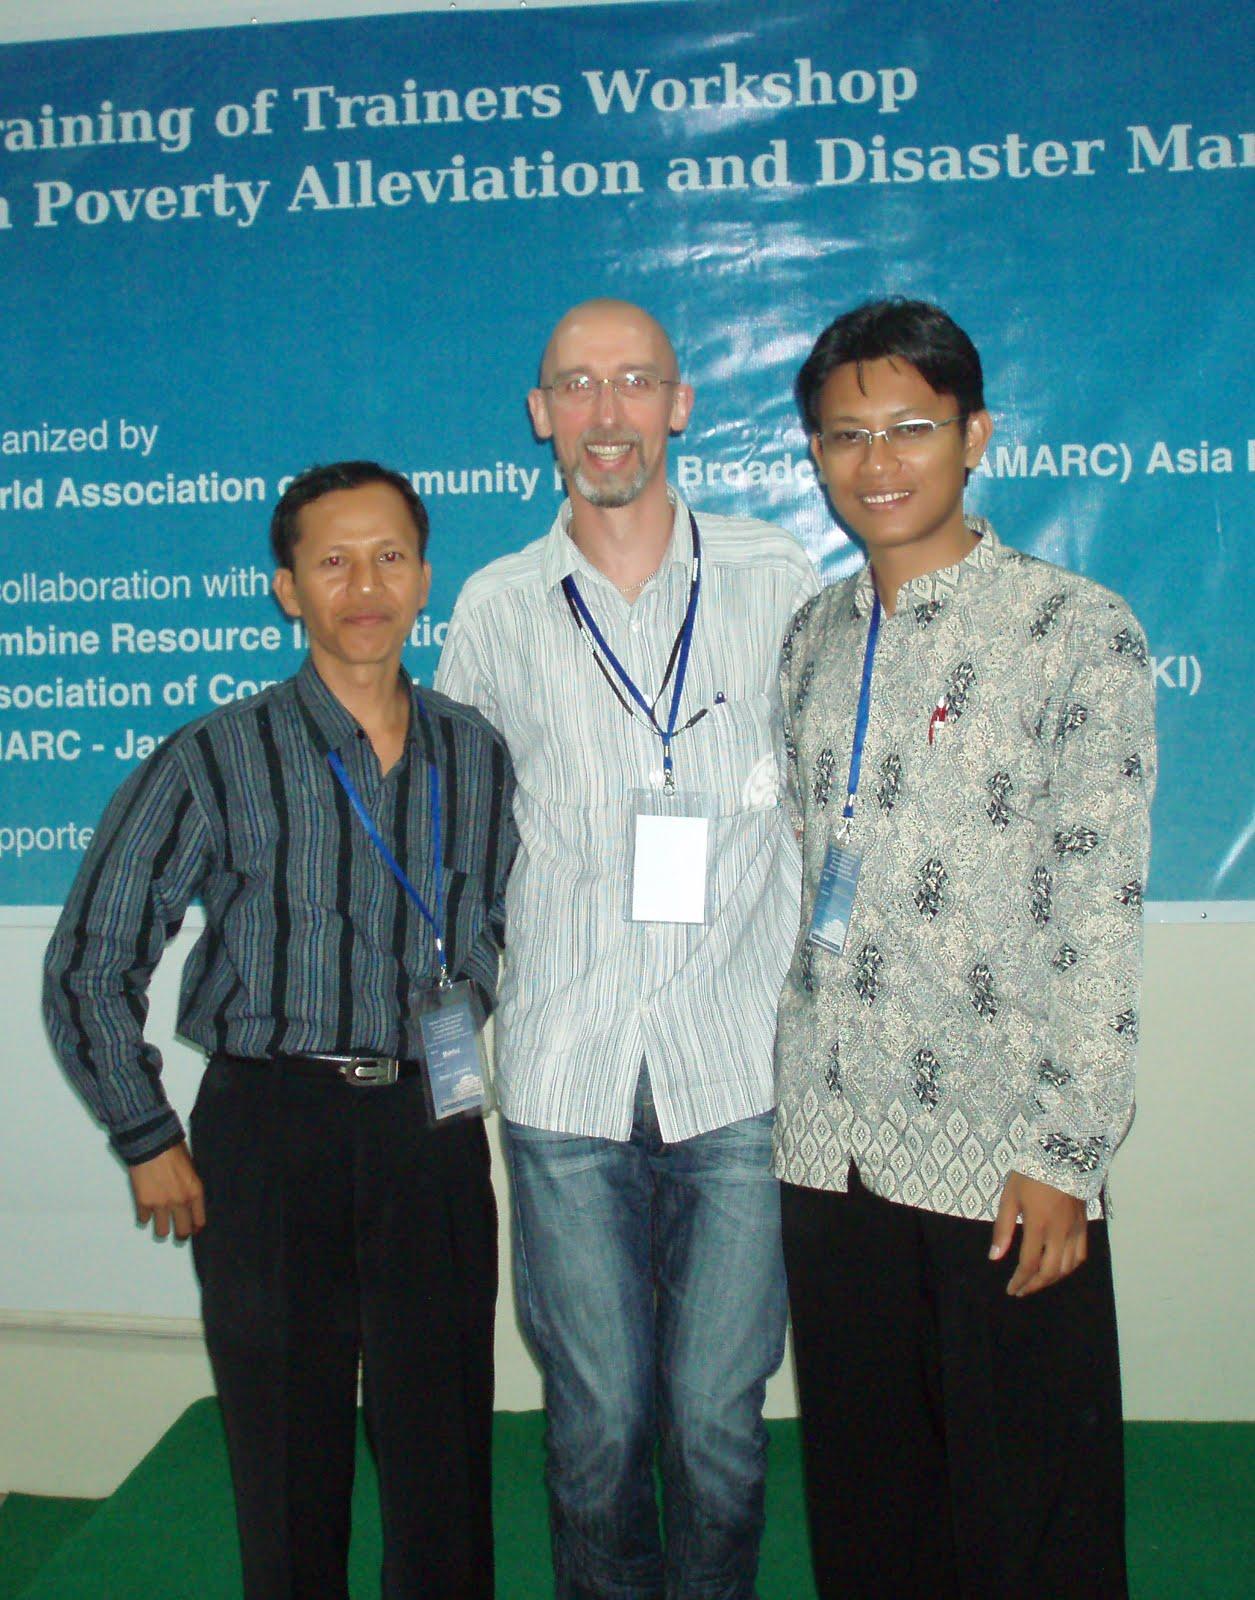 AMARC Asia Pasifik